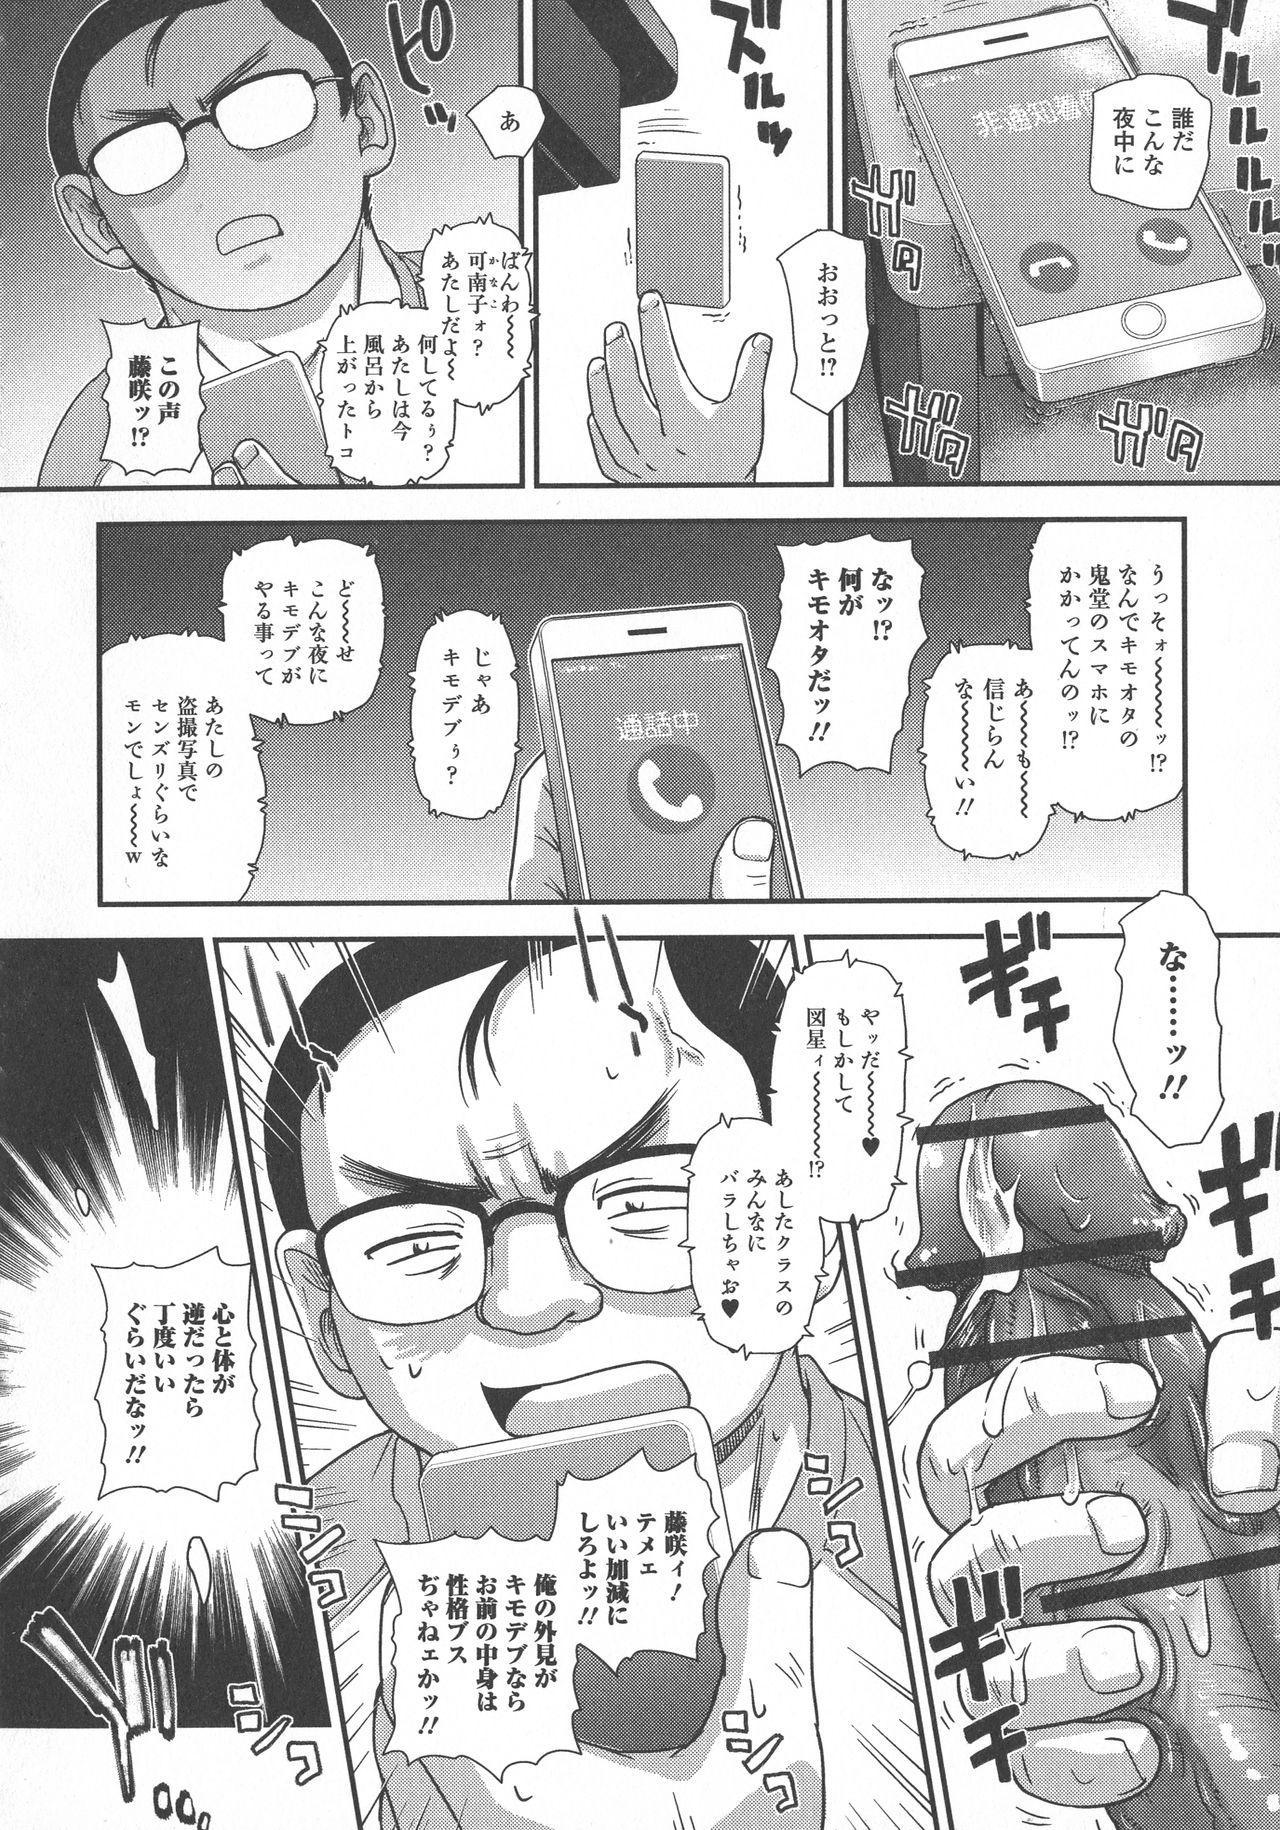 Futanari Zetchou Taiken 140